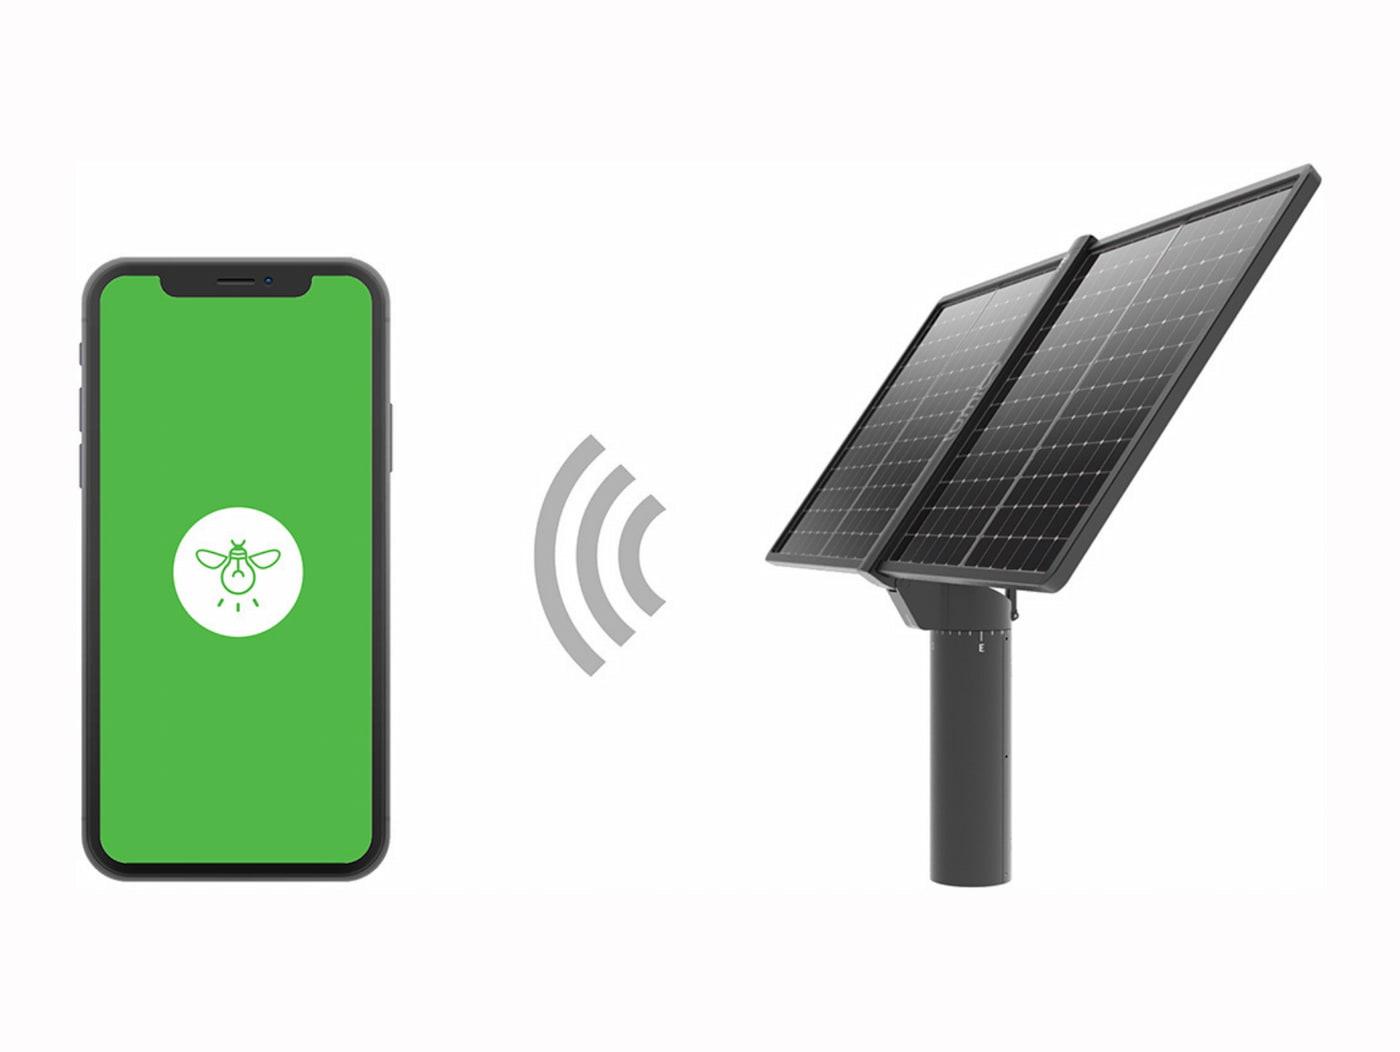 Pourquoi le tracker solaire Lumioo a-t-il besoin d'une connexion internet ?